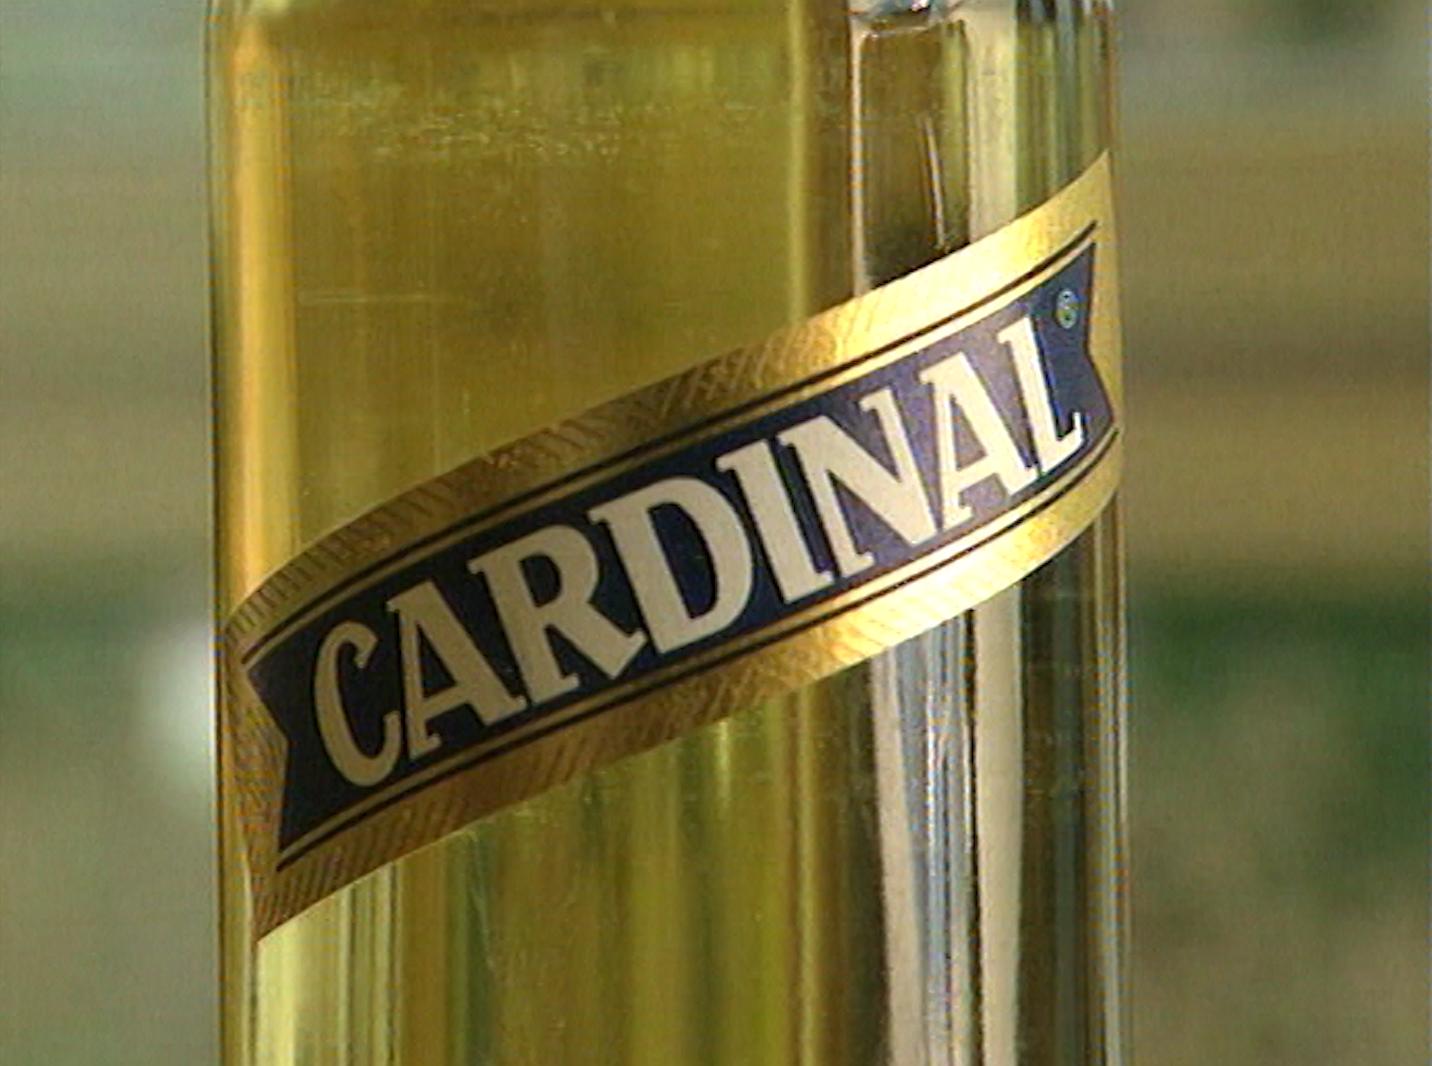 Cardinal ou la crise de la bière suisse